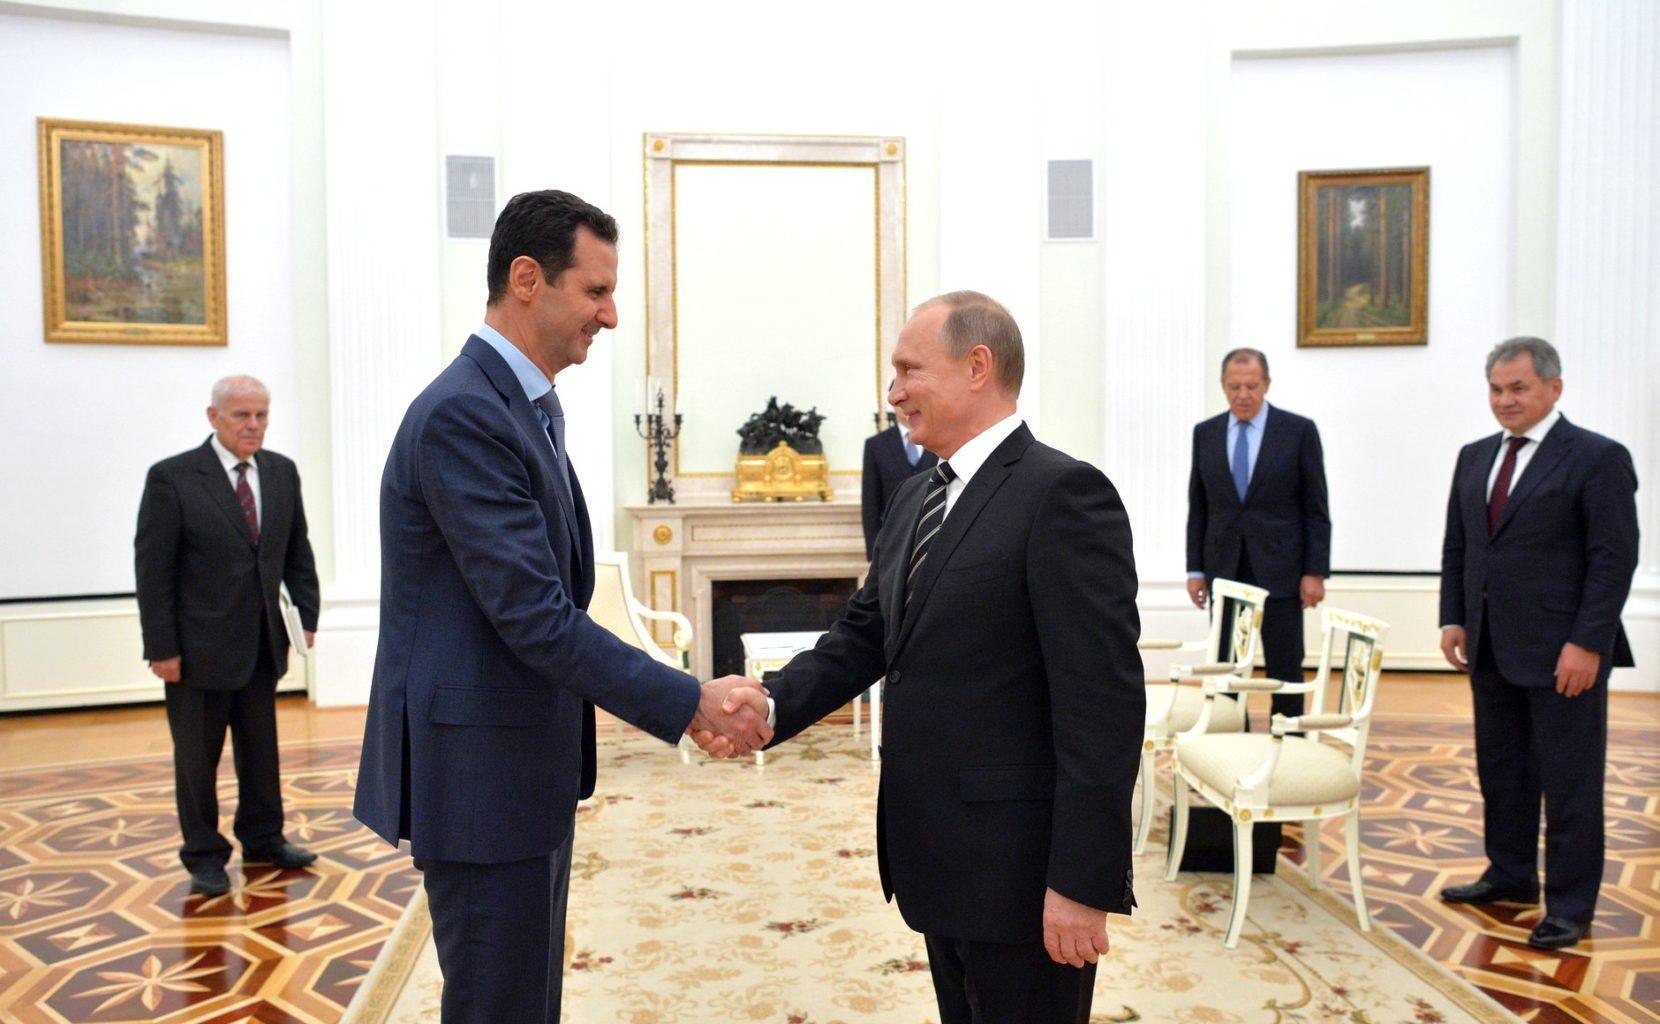 Rencontre entre Vladimir Poutine et Bachar Al-Assad en Russie, pour une visite de travail (2015)